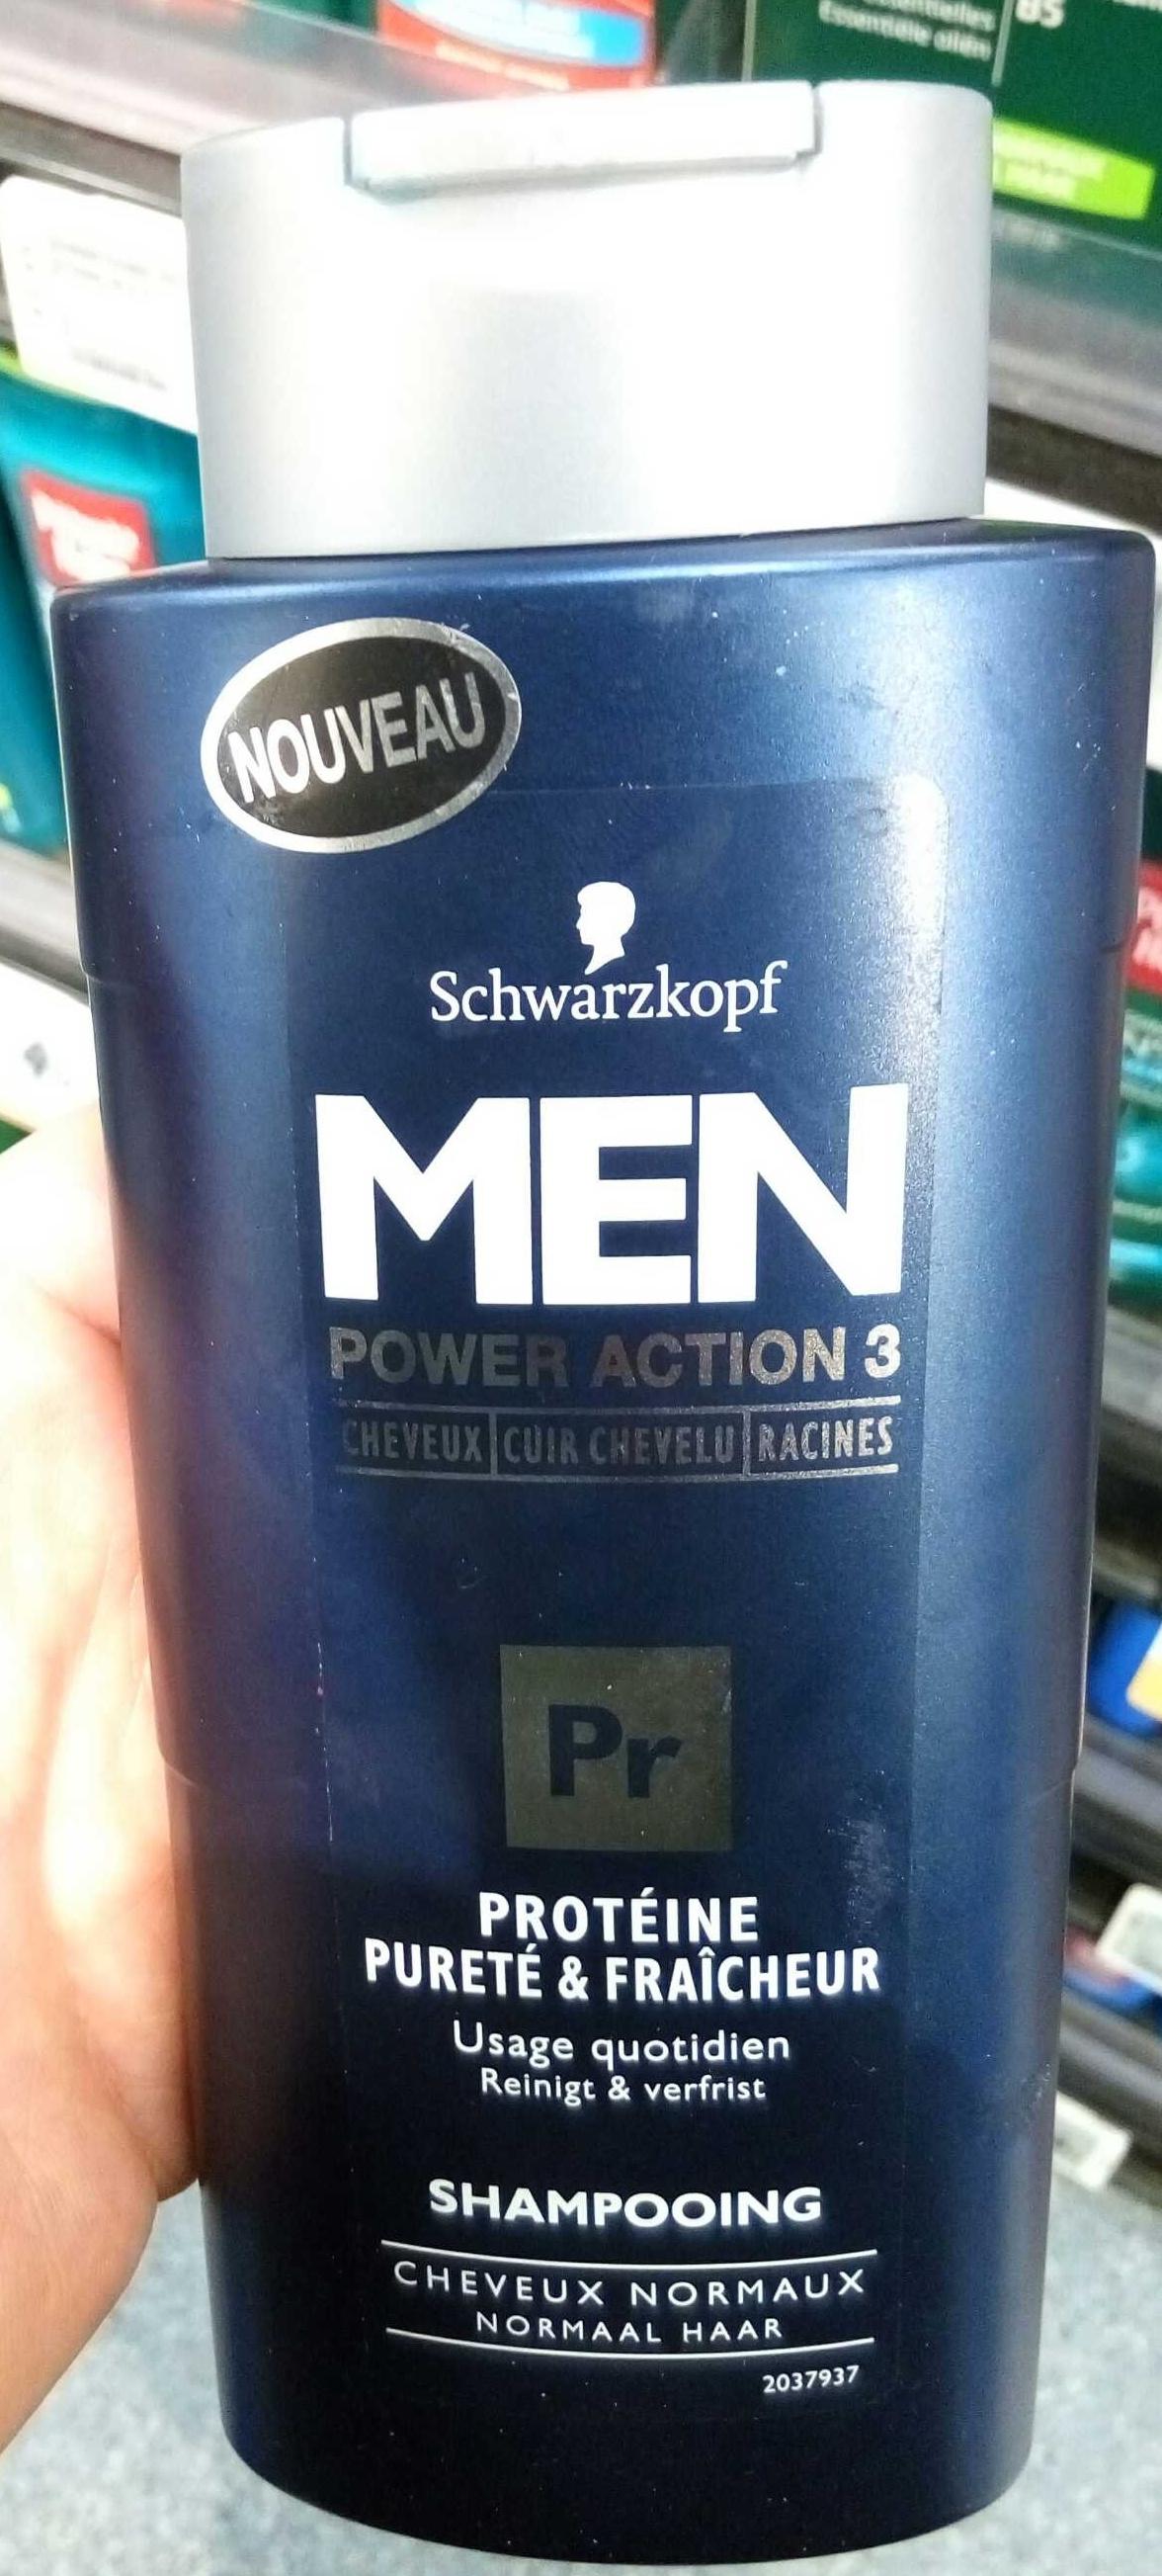 Men Power Action 3 Protéine pureté & fraîcheur shampooing - Product